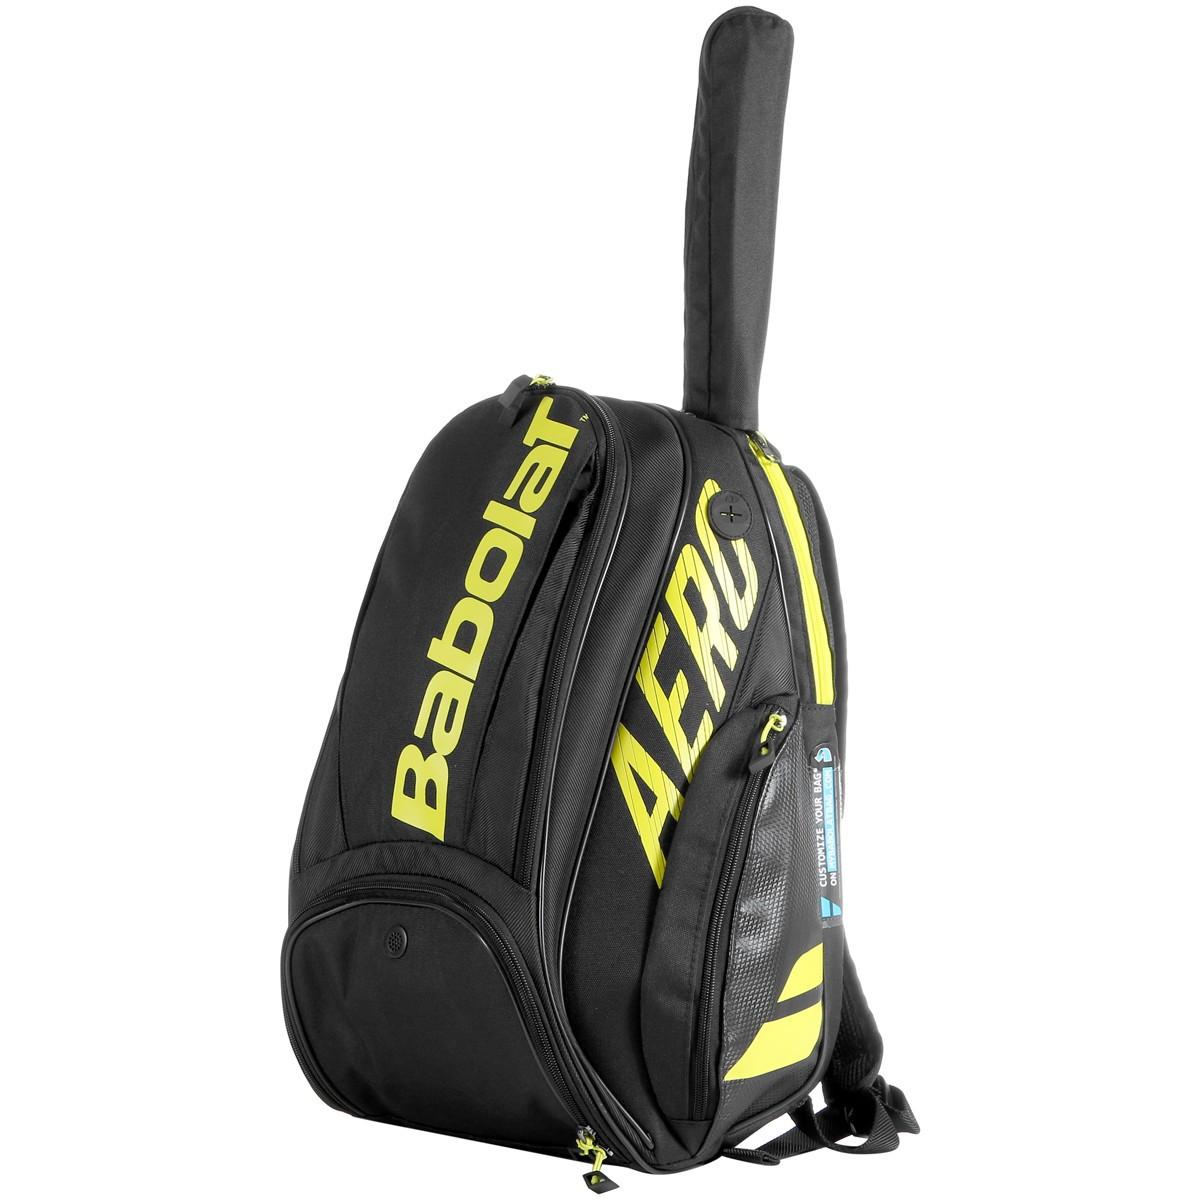 Mochila Babolat Backpack Pure Aero Preta e Amarela 2021  - PROTENISTA